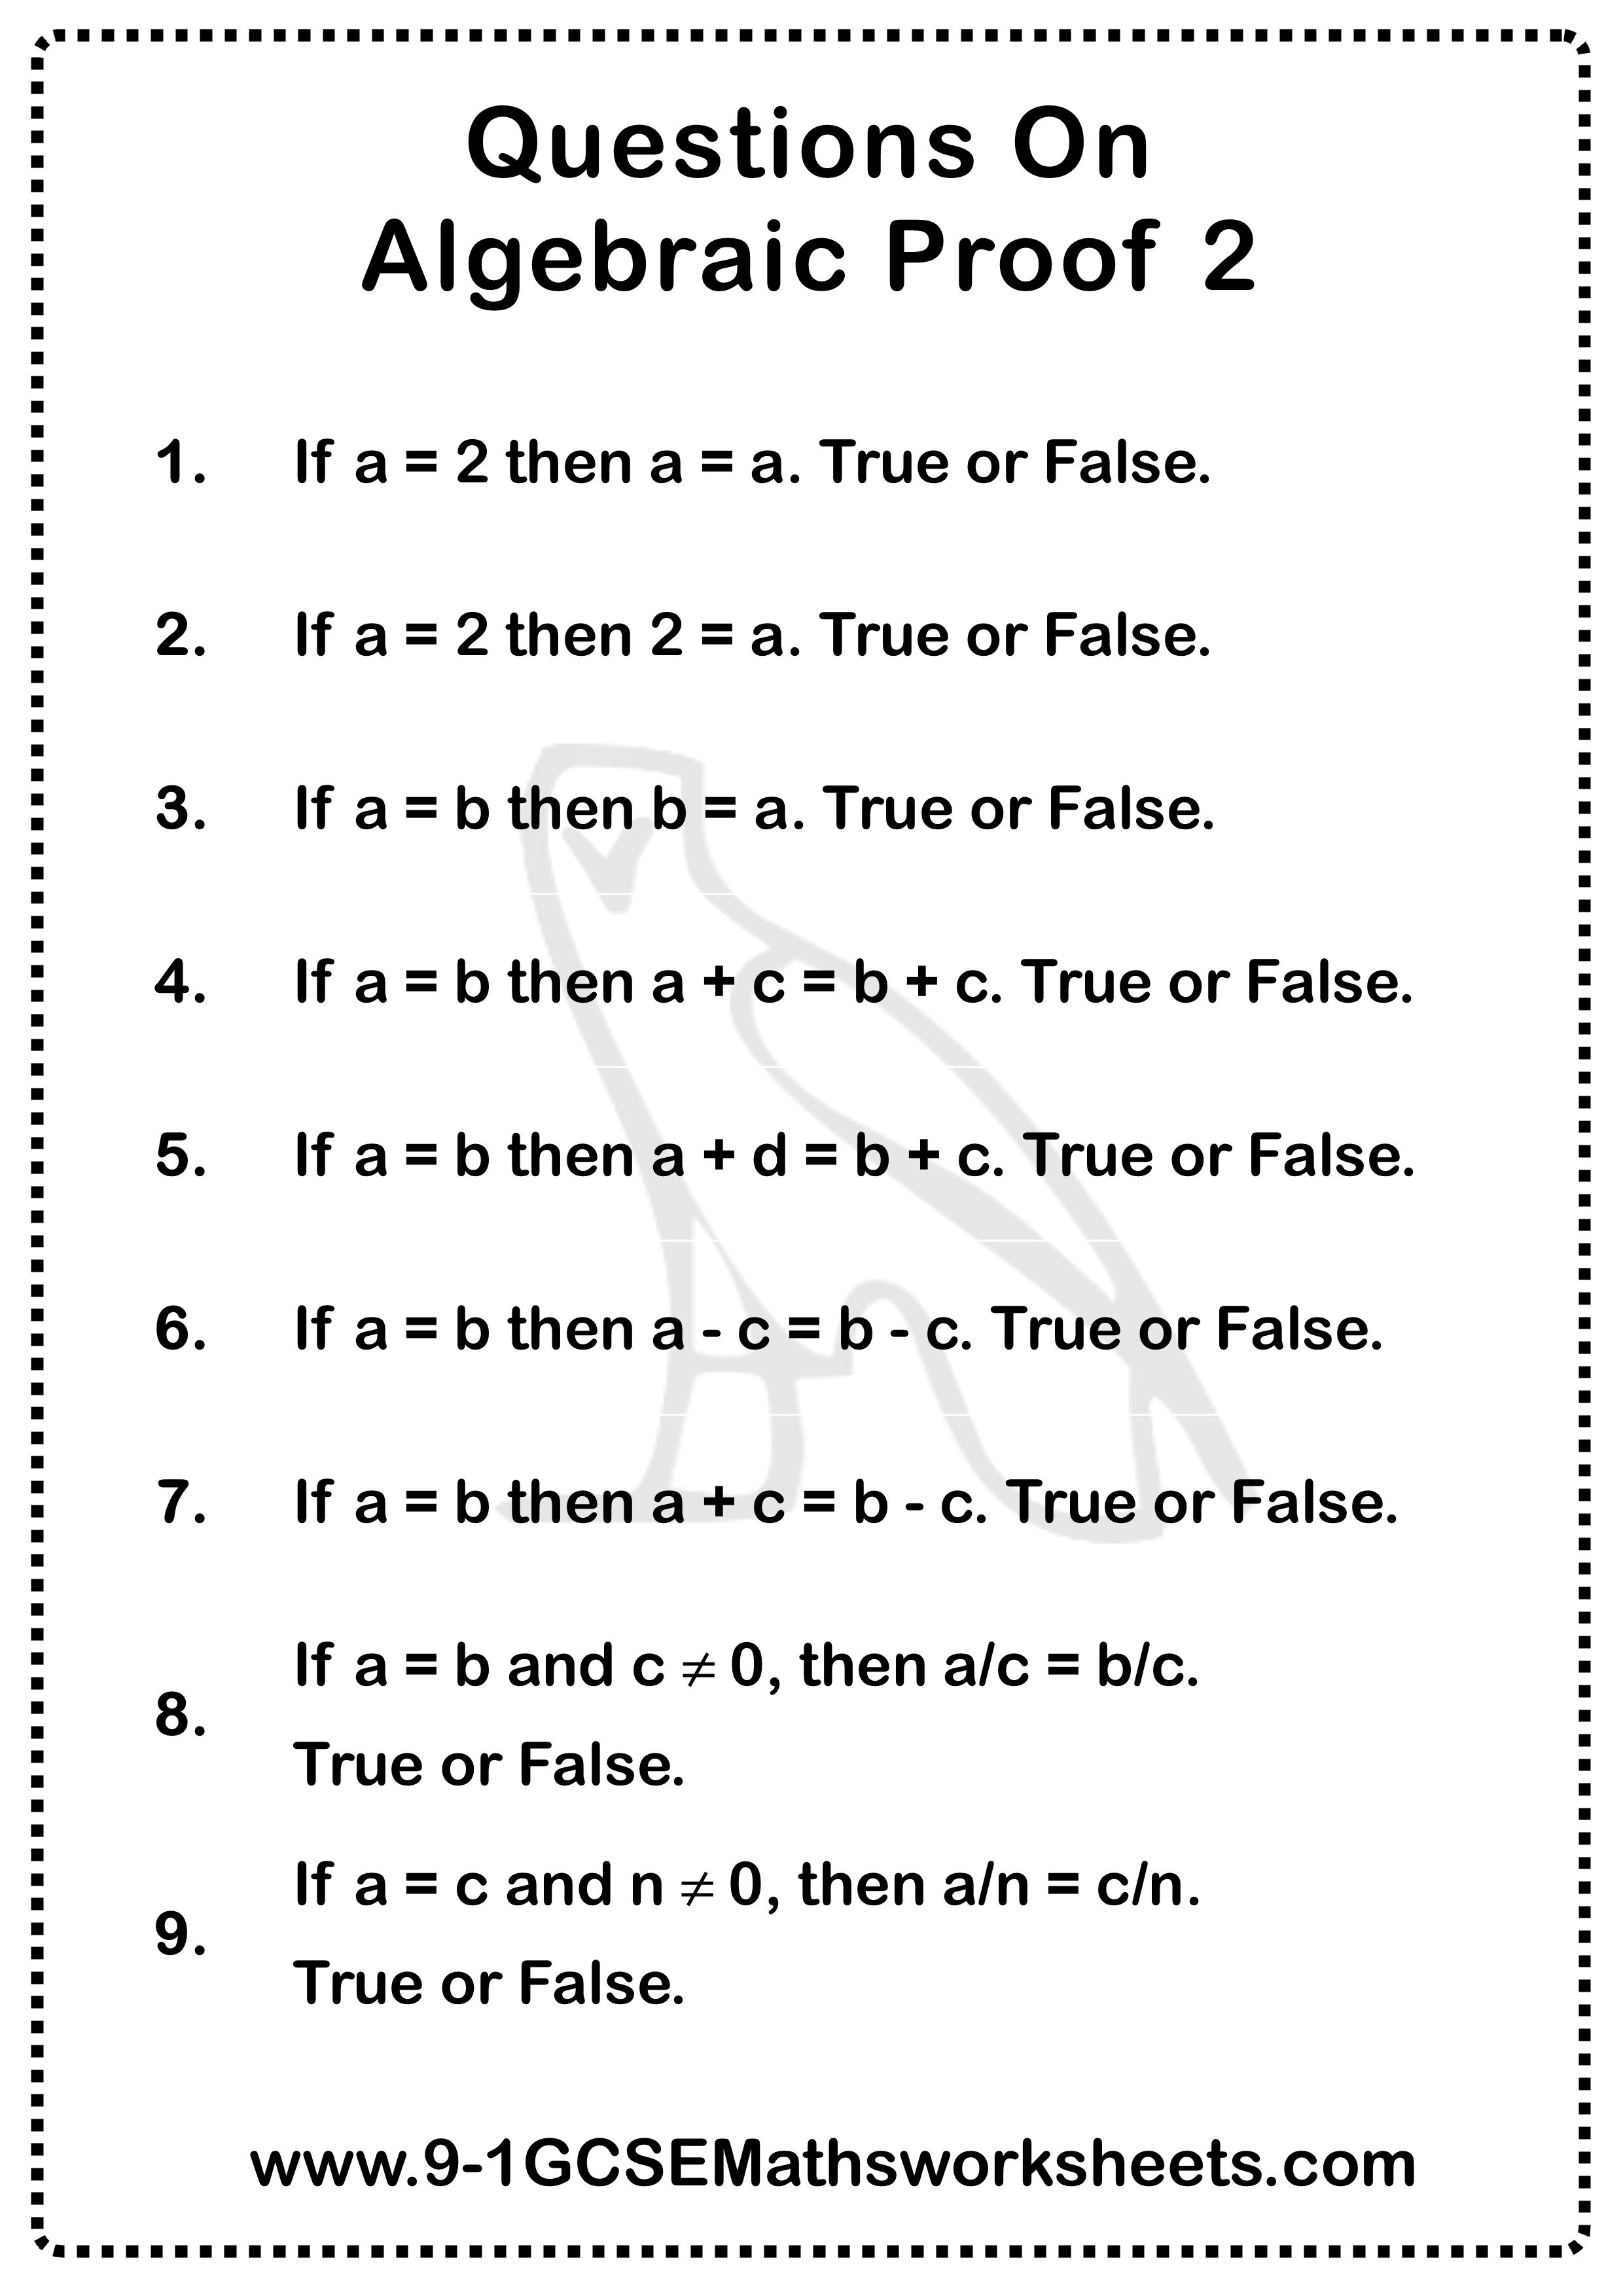 Algebraic Proof Questions 2